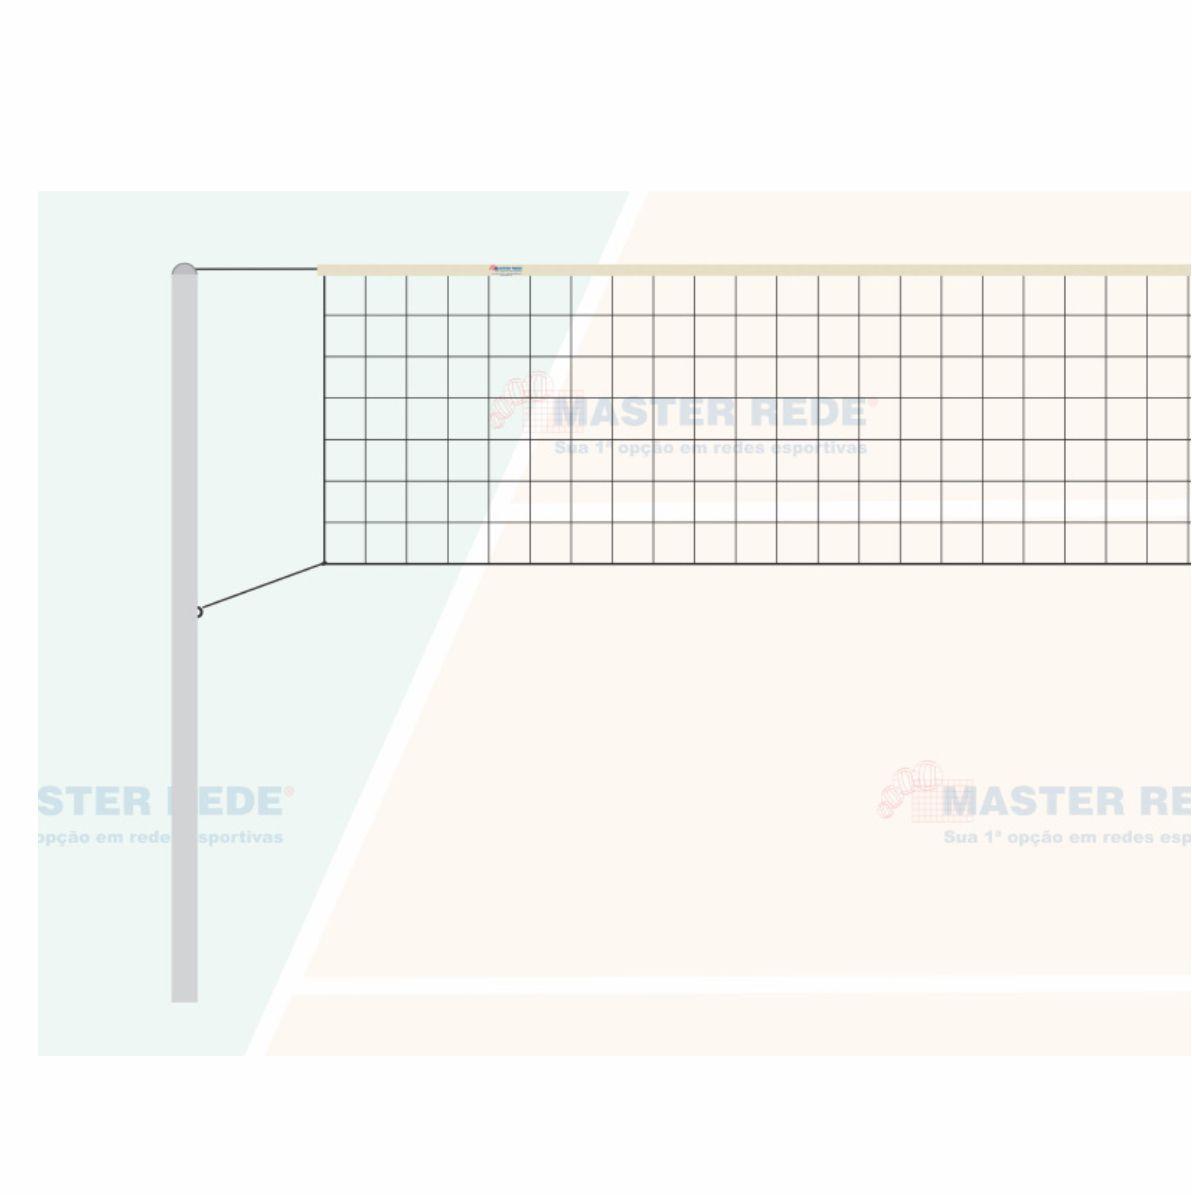 Rede de Volei 01 Faixa Sintetica Master Rede VS-1